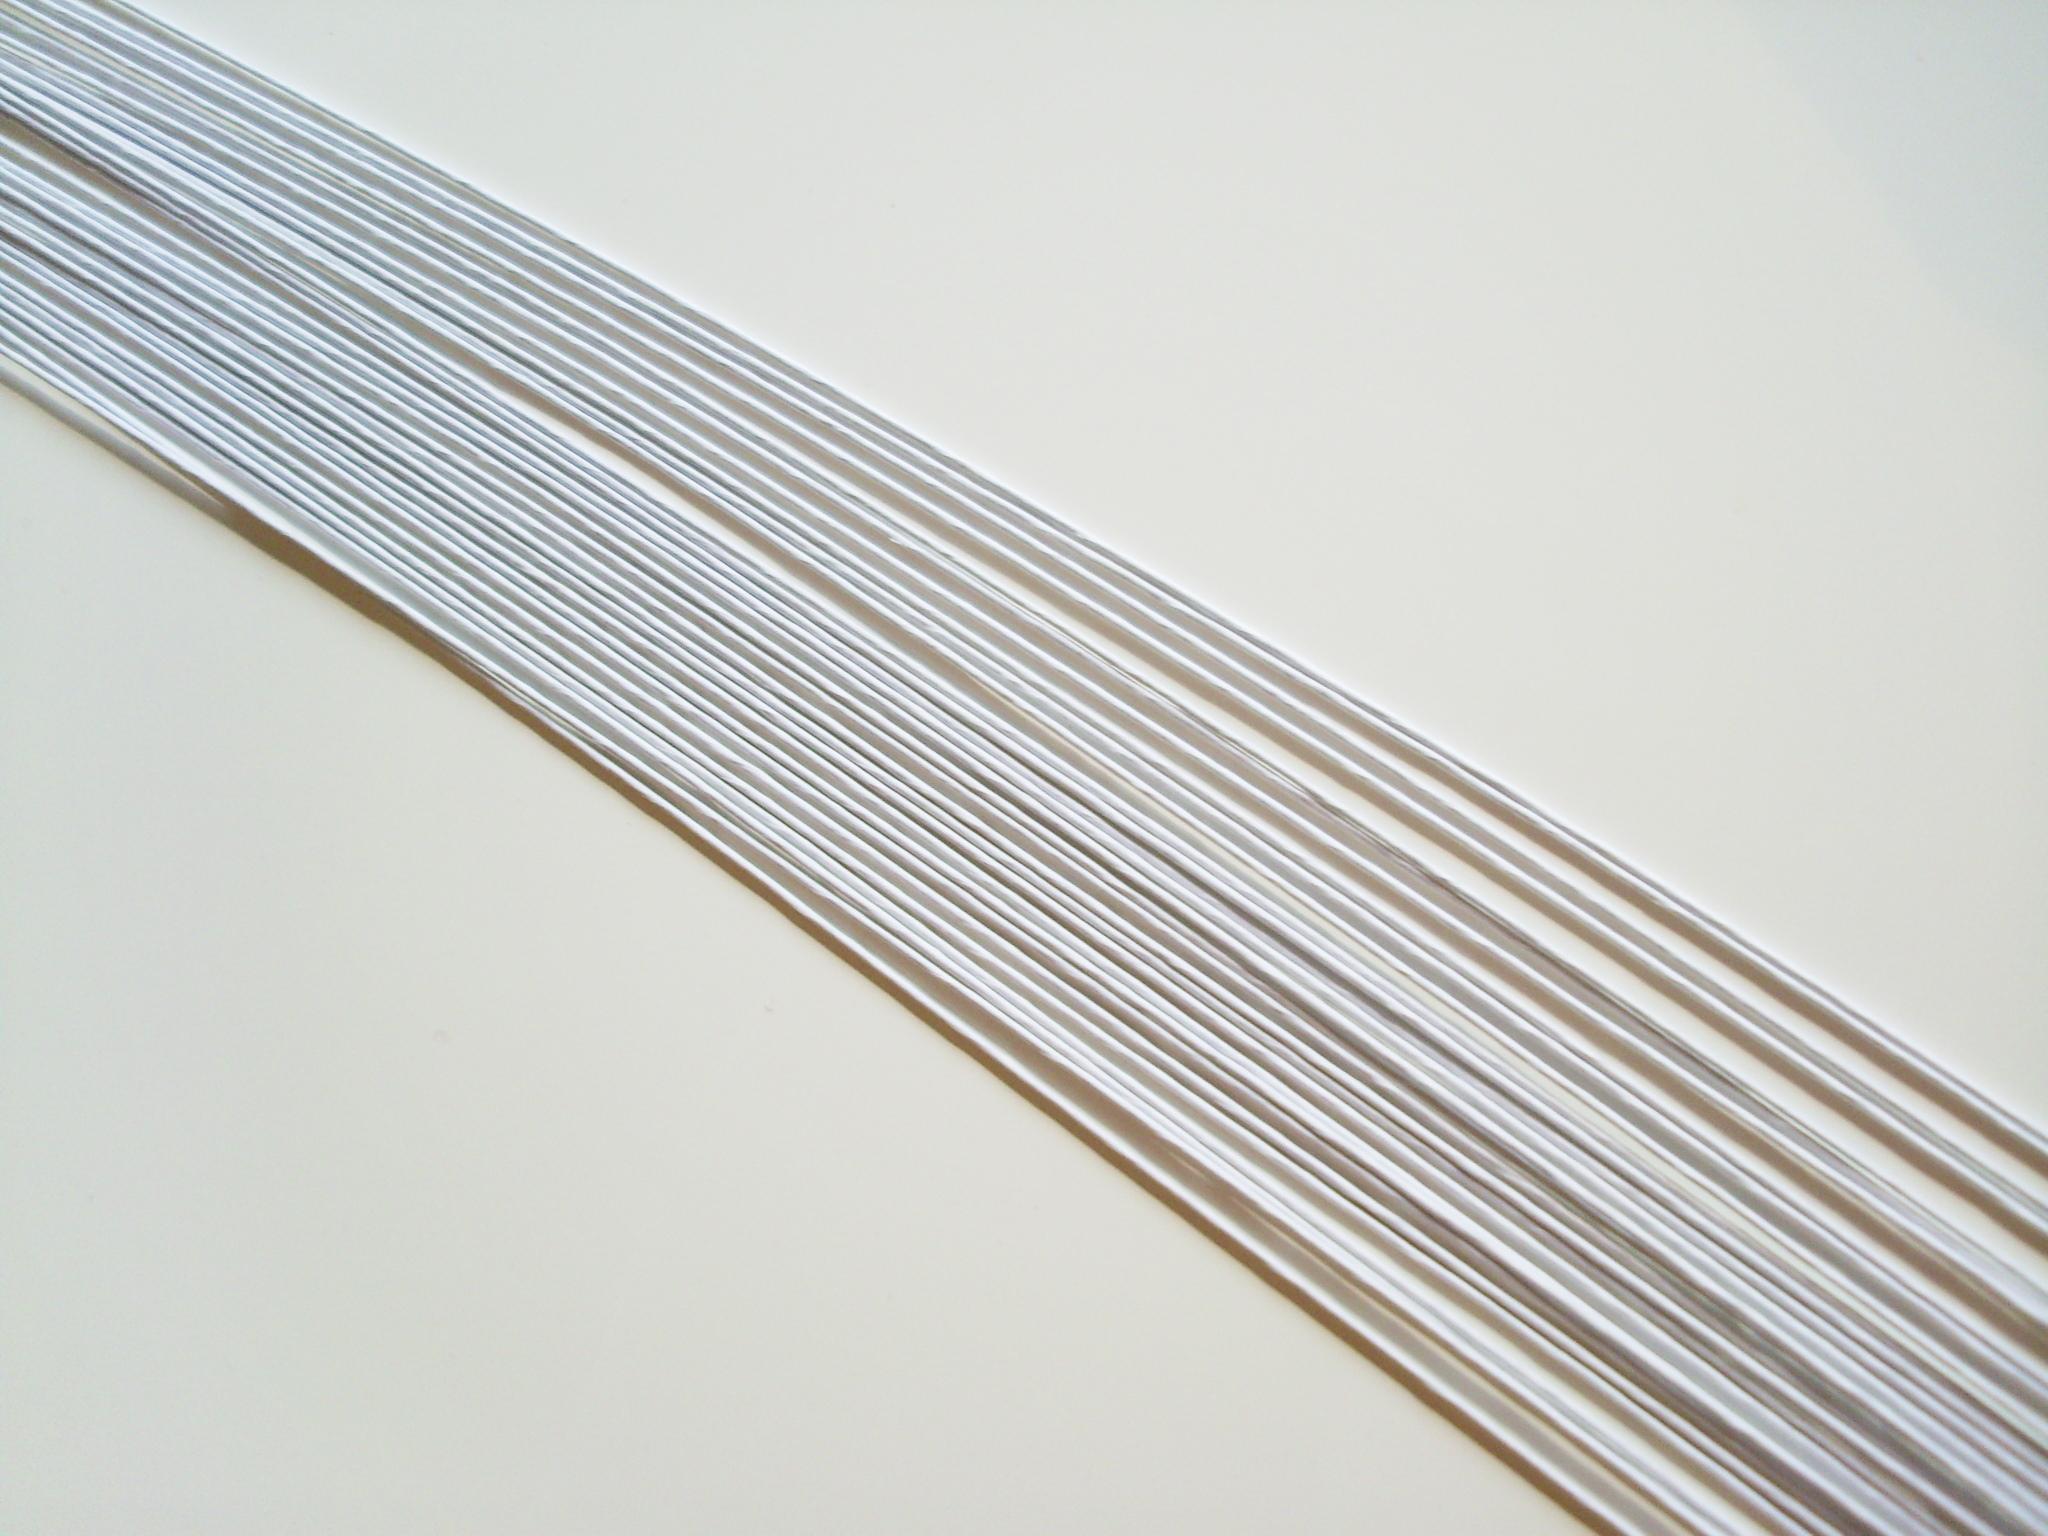 Blumendraht 24 gauge Weiß